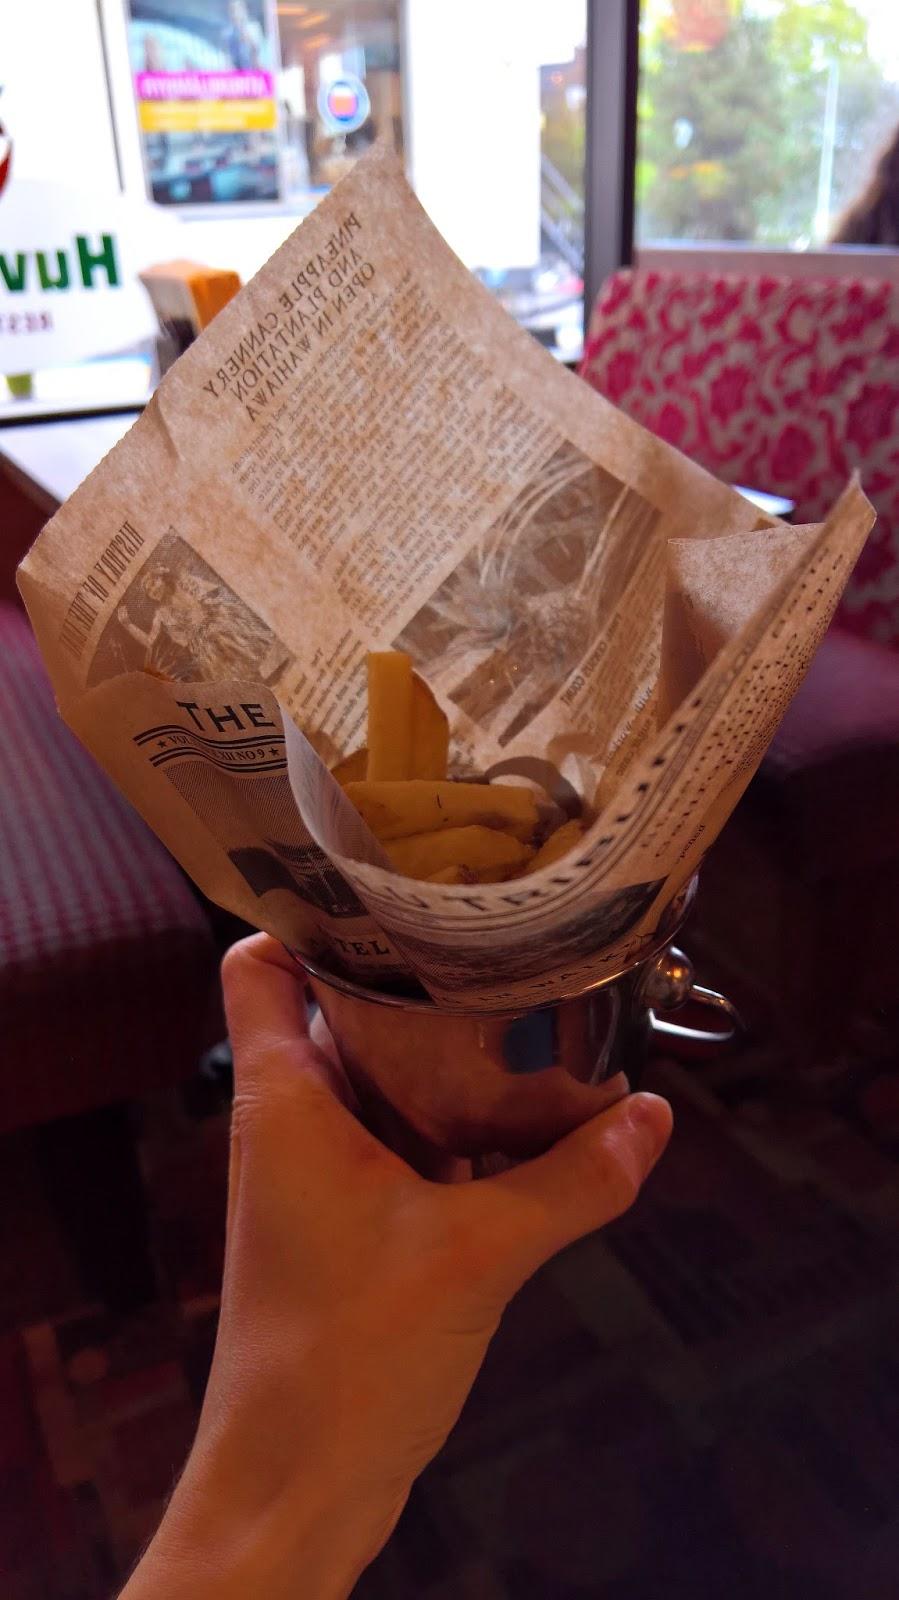 mallaspullan hampurilaistesti jyväskylä hampurilainen huviretki ranskalaiset